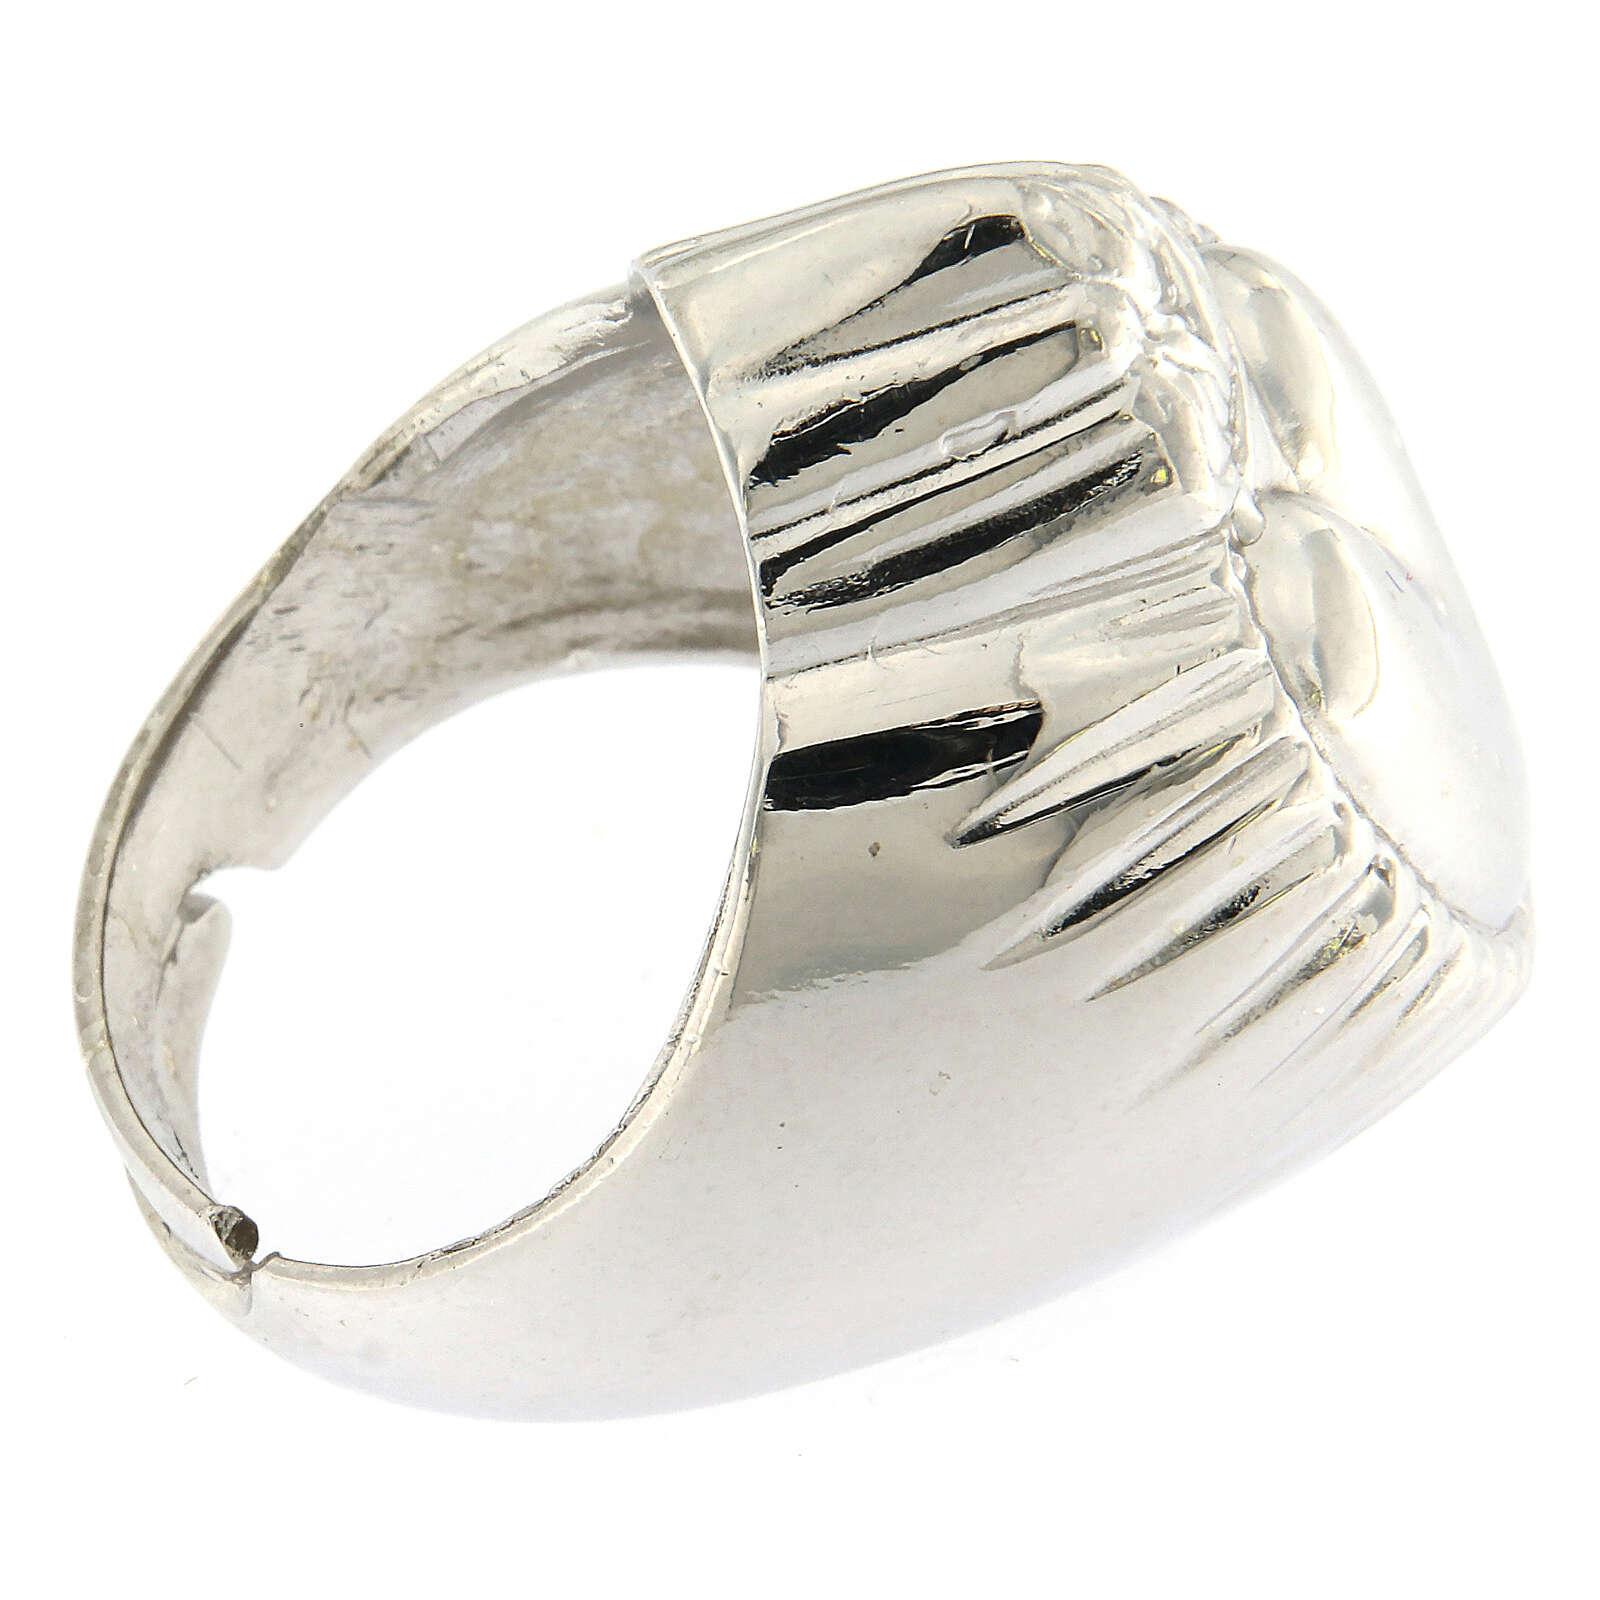 Anello cuore votivo argento 925 lucido 20 mm 3